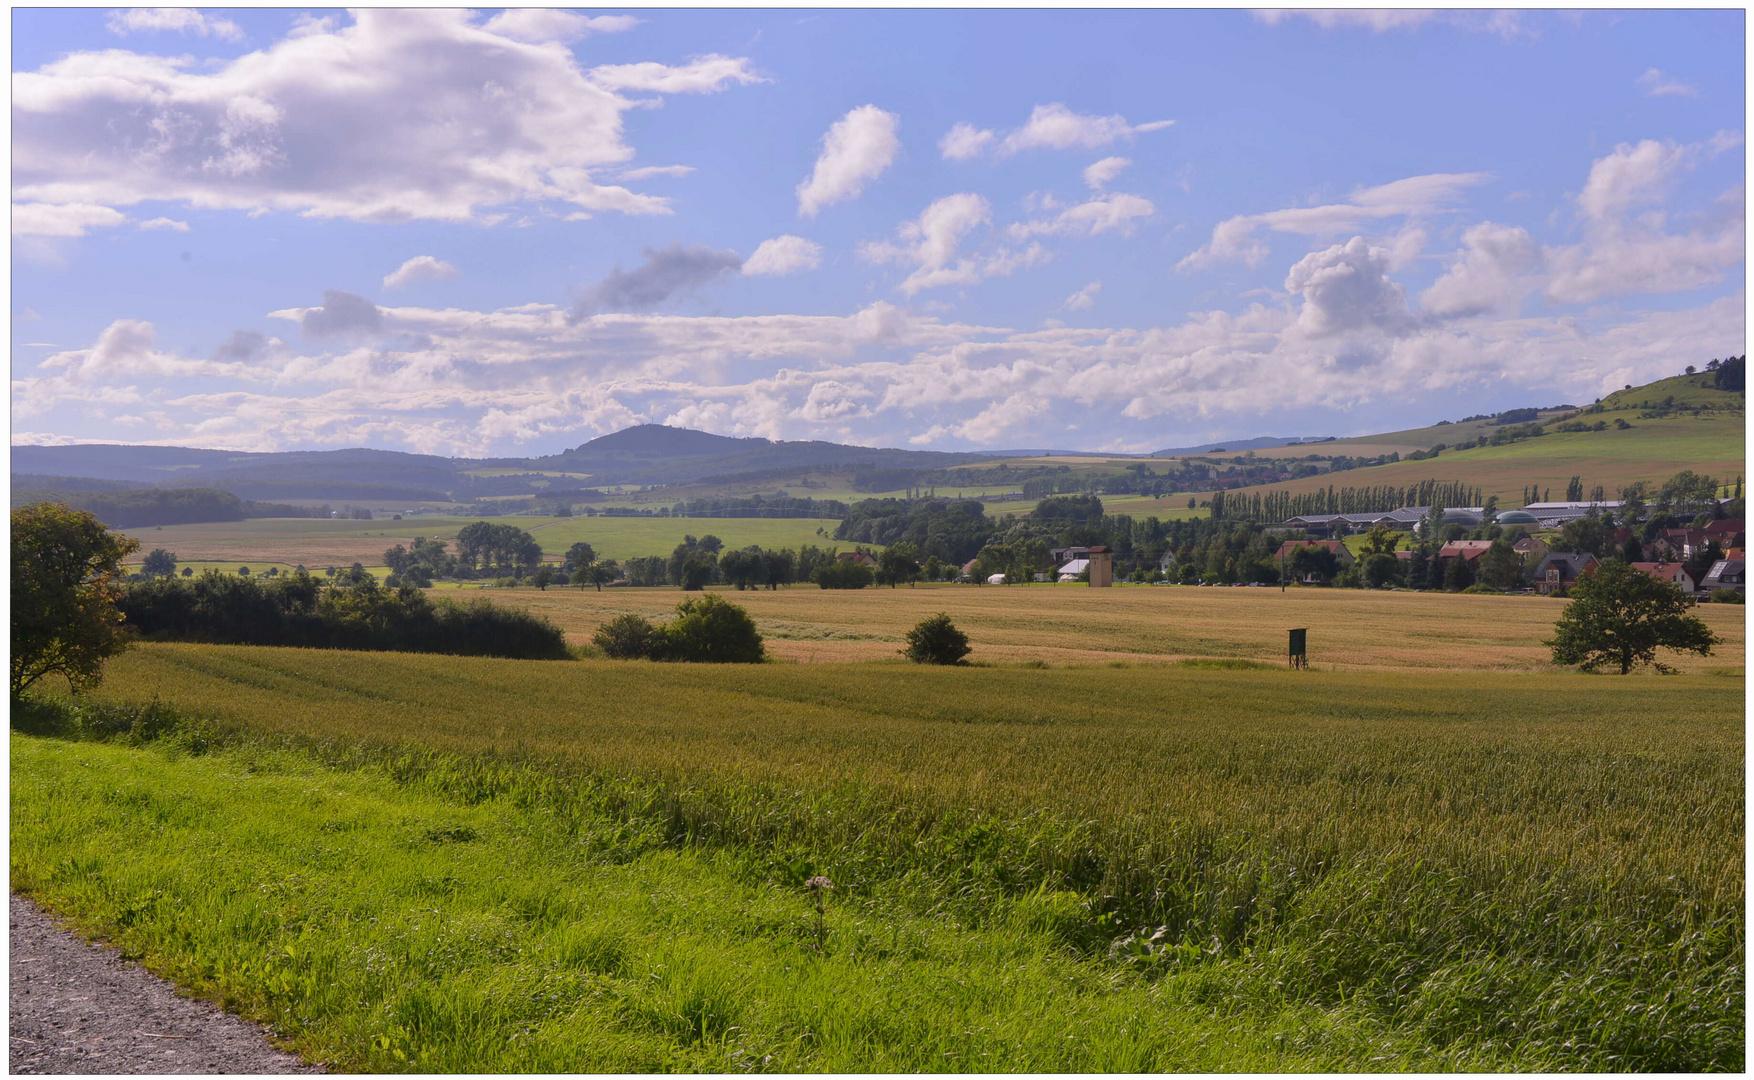 Paisaje alrededor de mi pueblo (Landschaft um meinem Dor)